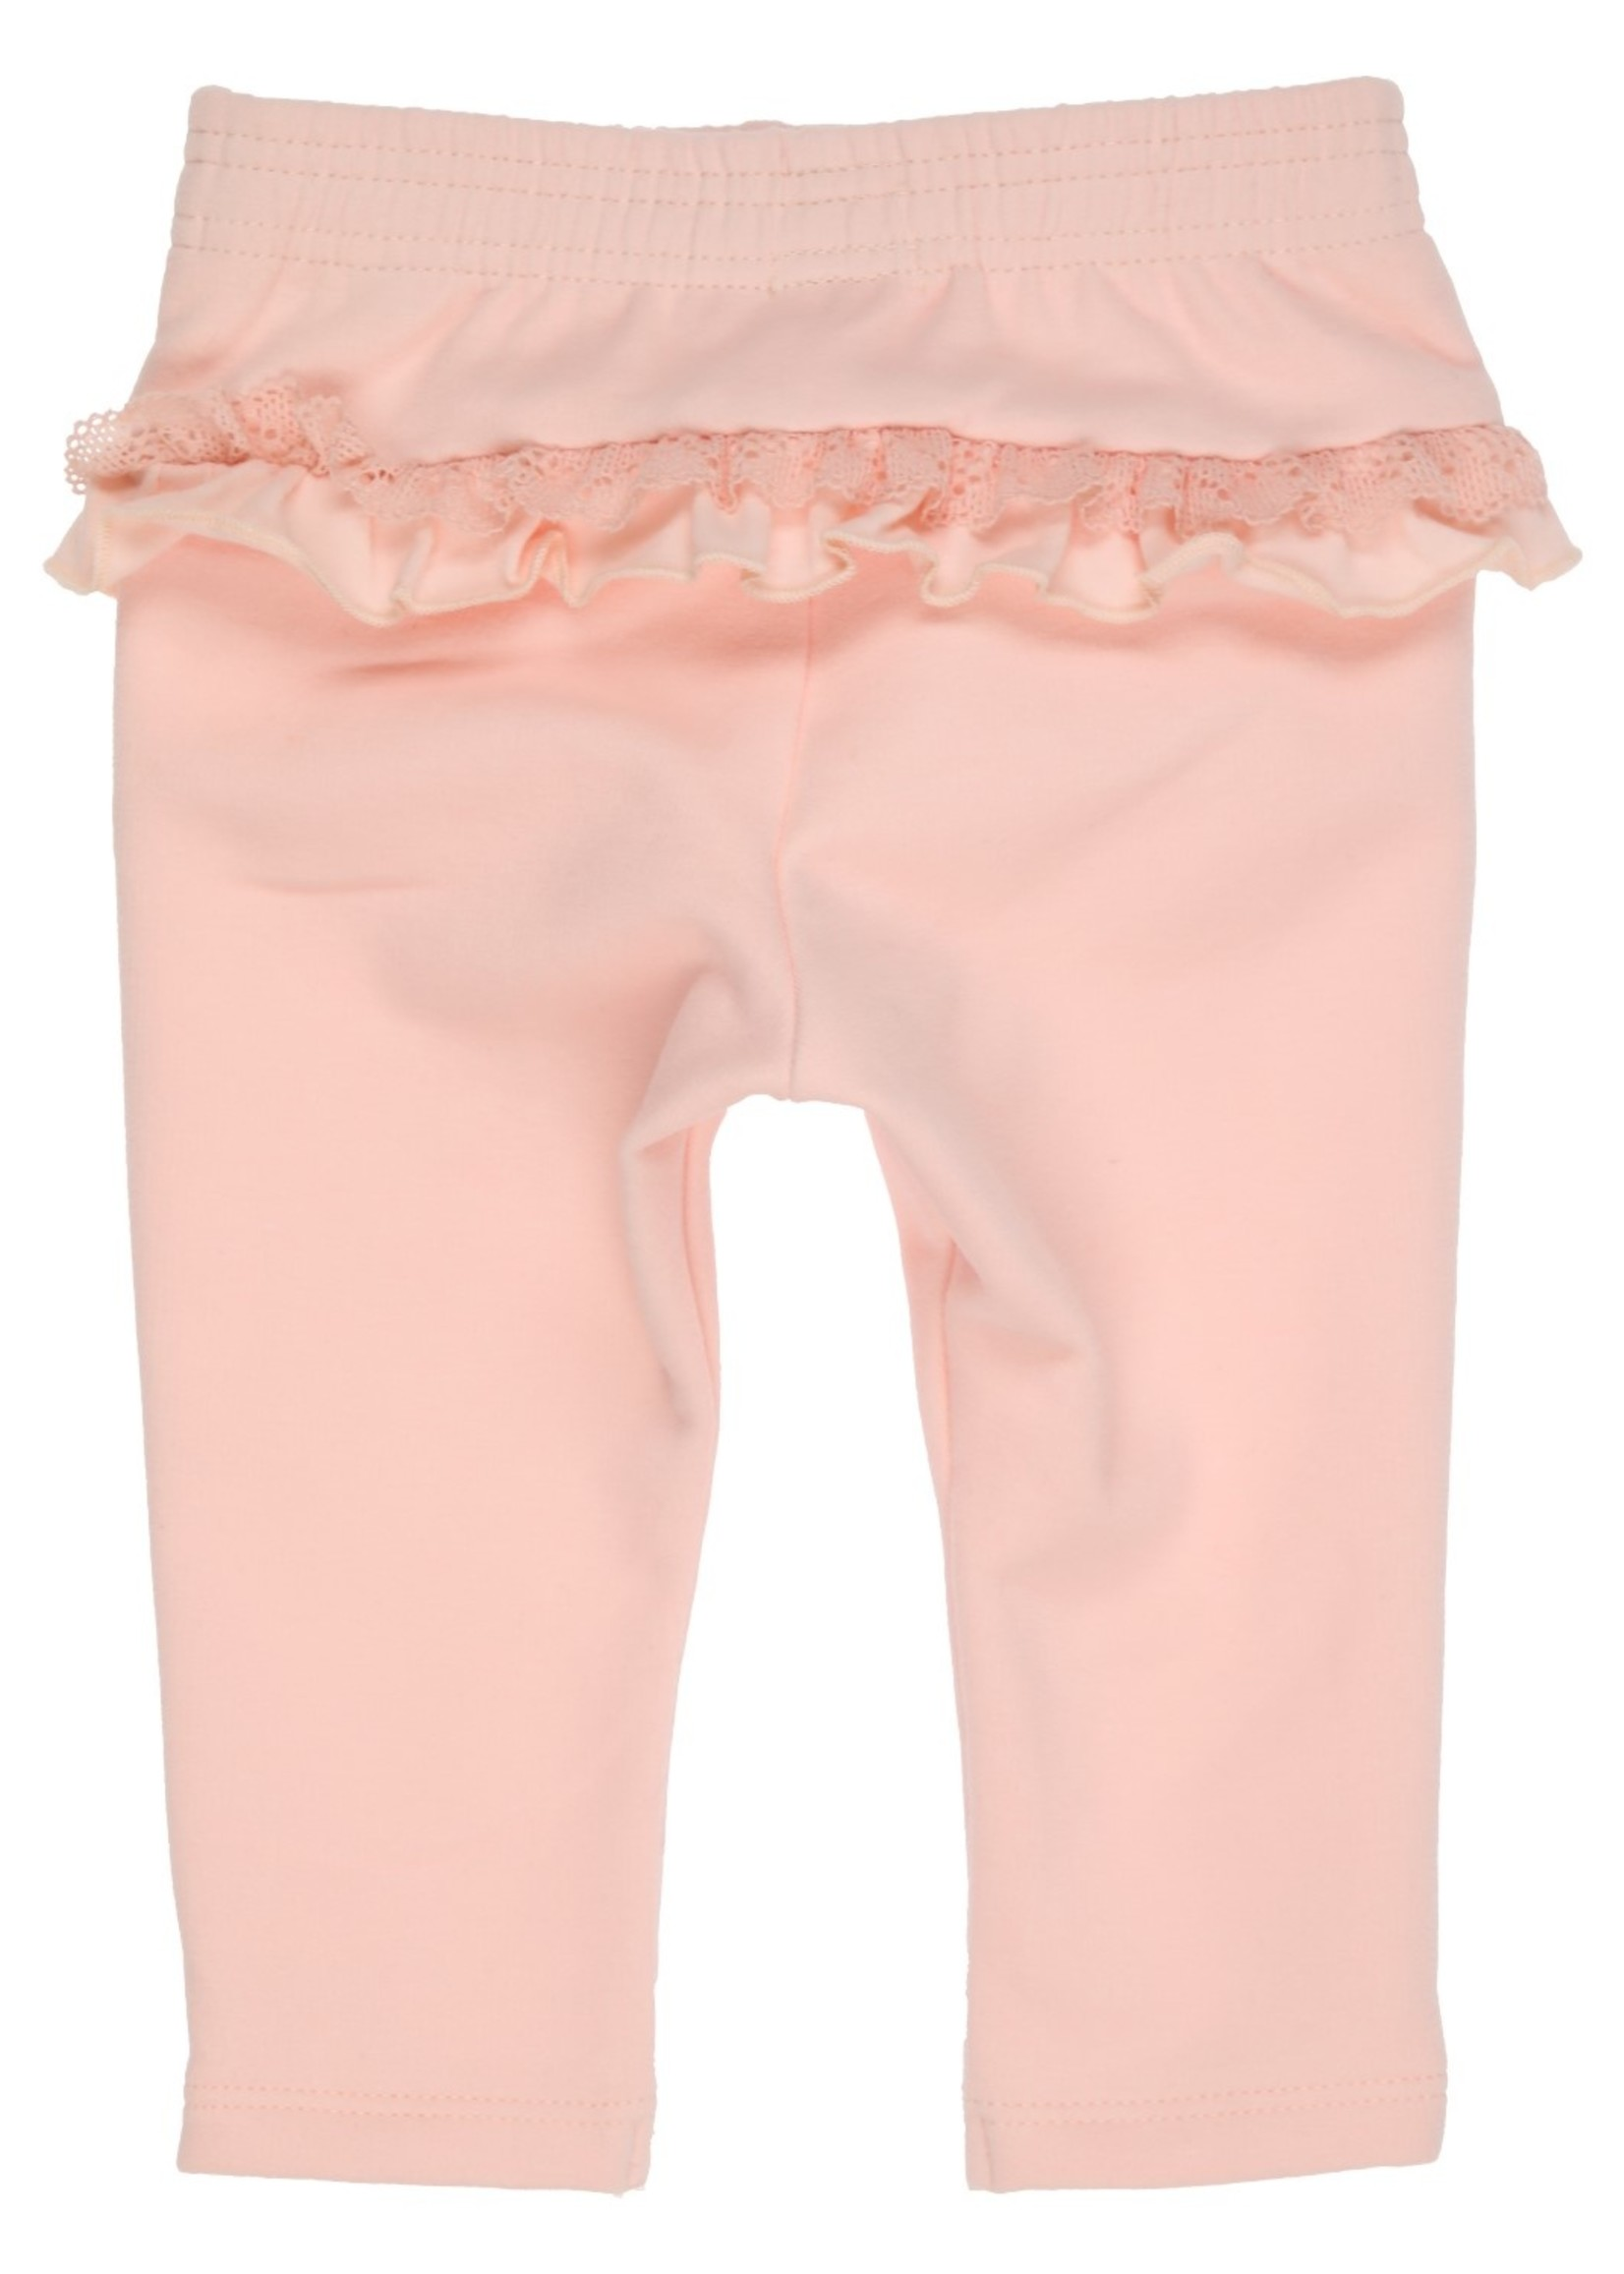 Gymp Gymp joggingpants flounces and lace vieux rose